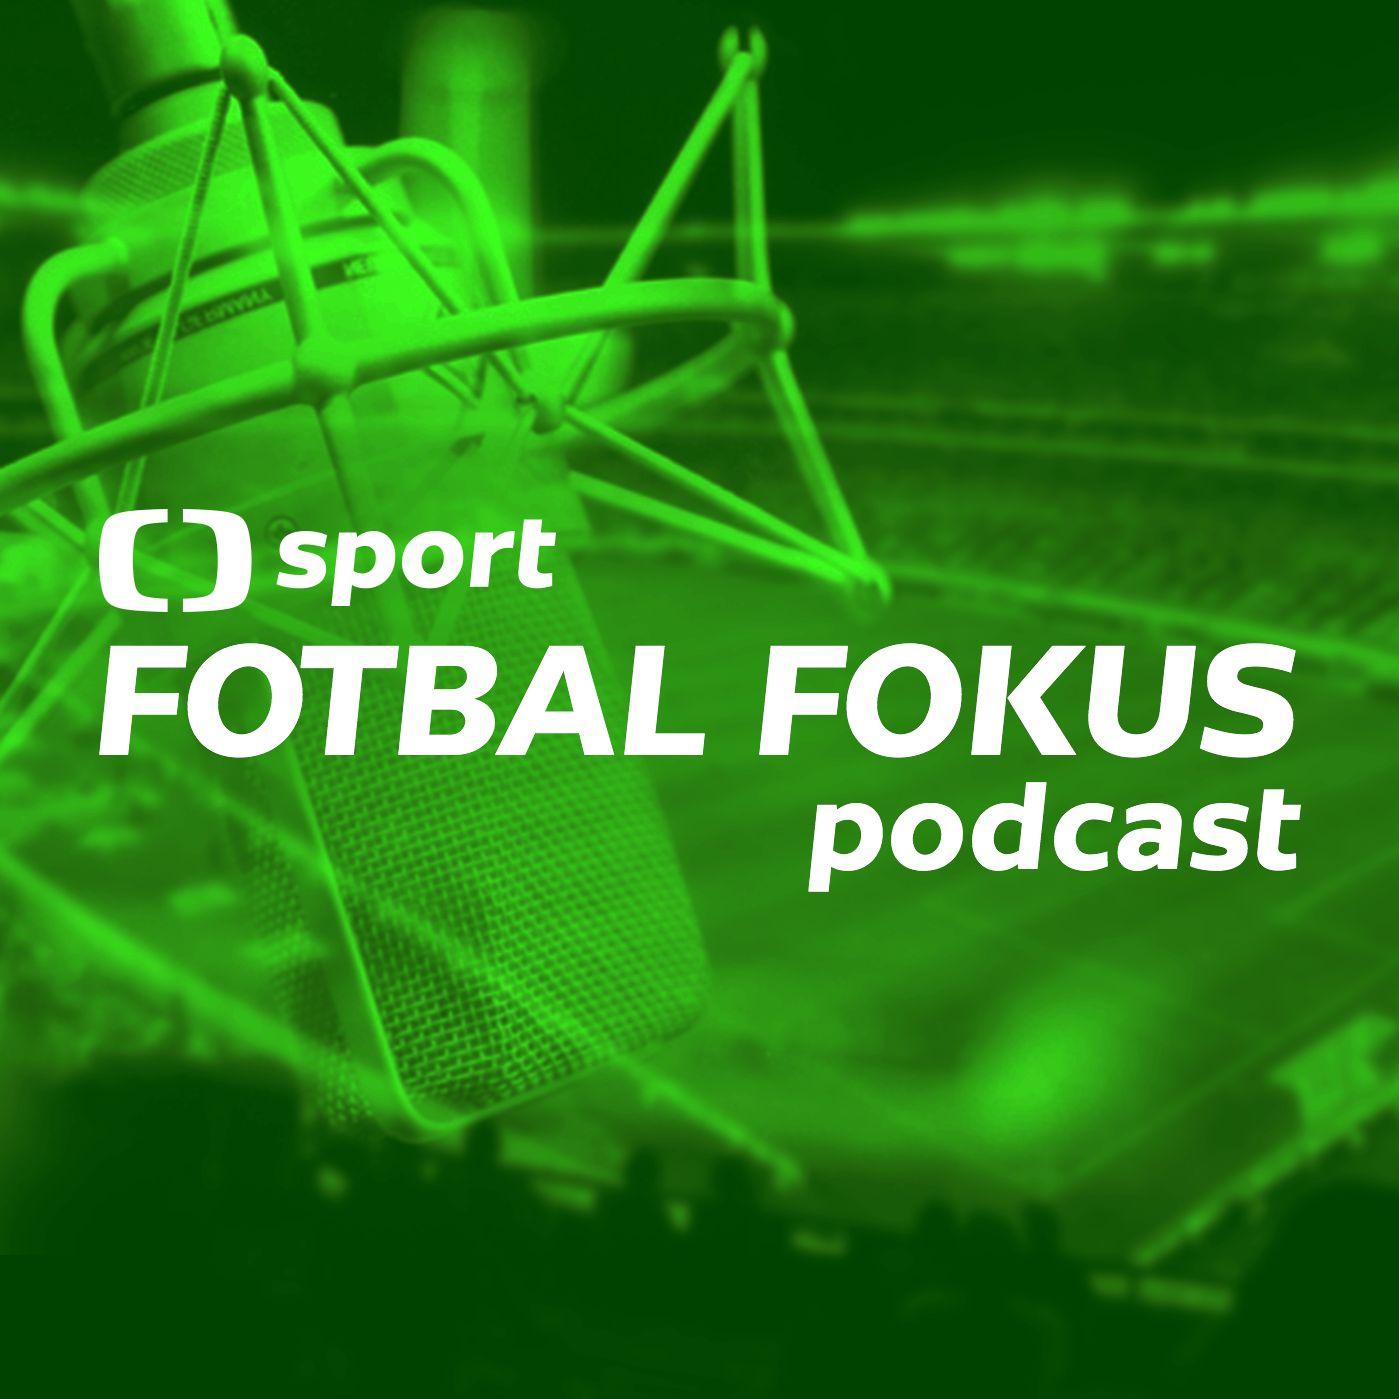 Fotbal fokus podcast: Co potřebují Plzeň a Slavia, aby obstály v Lize mistrů?